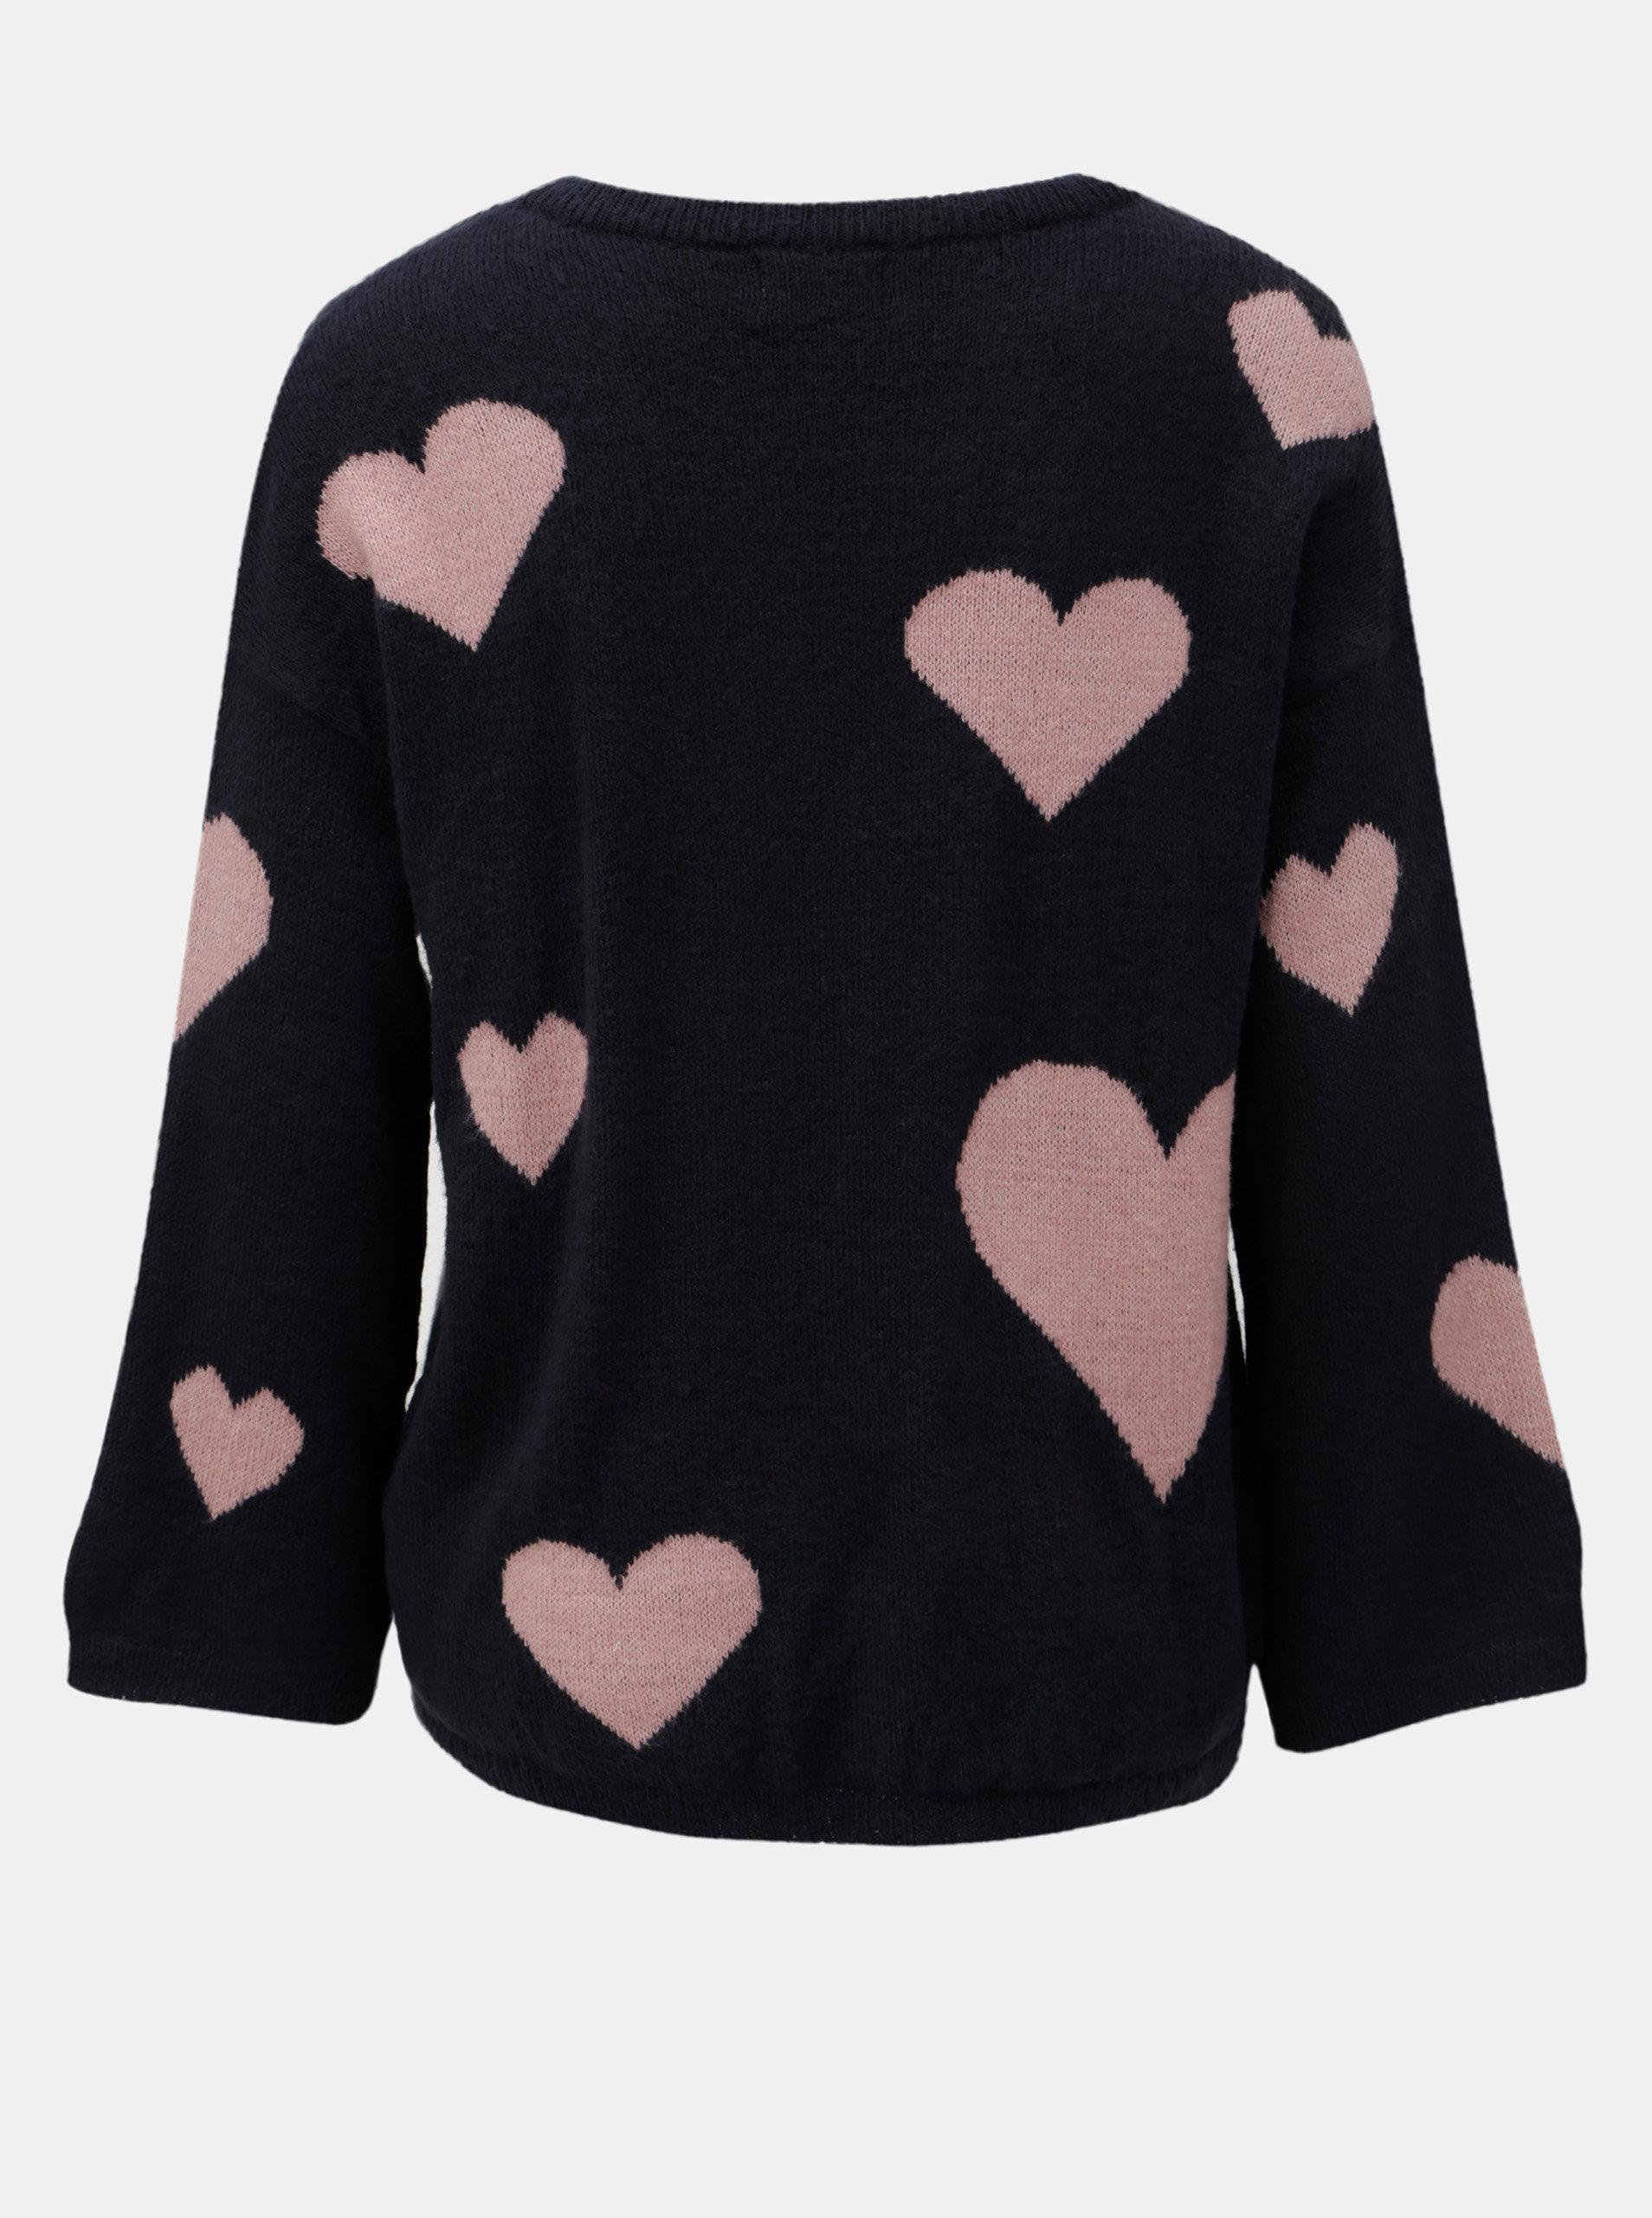 ad5d9a3de9ad Ružovo–modrý vzorovaný sveter s véčkovým výstrihom Jacqueline de Yong  Melange ...